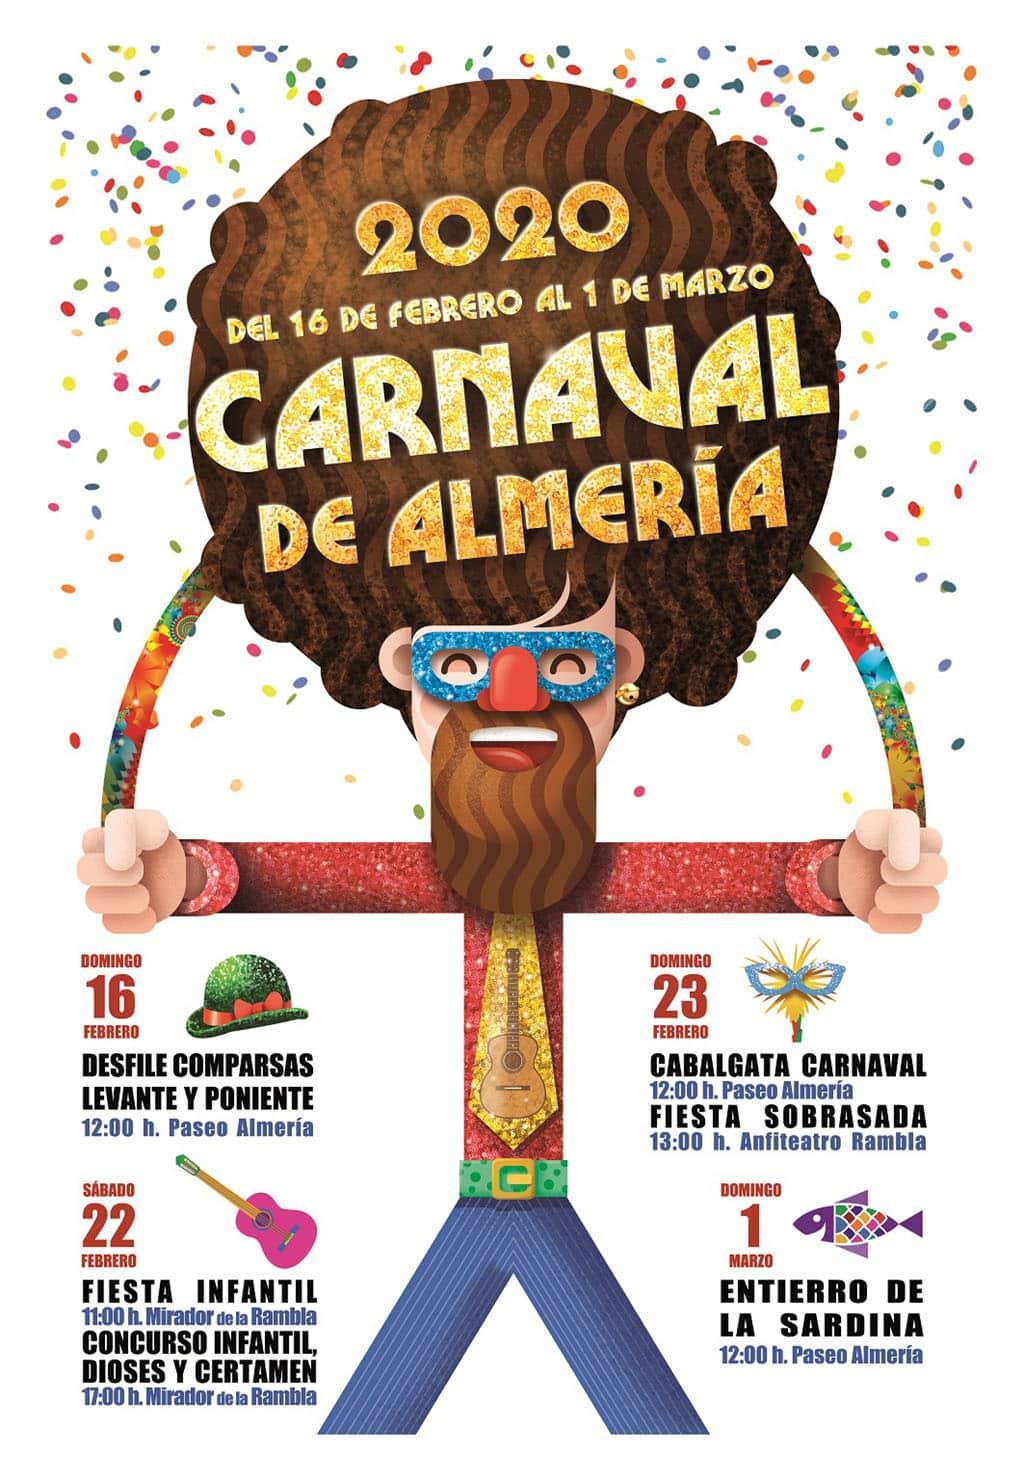 Cartel Carnaval de Almería